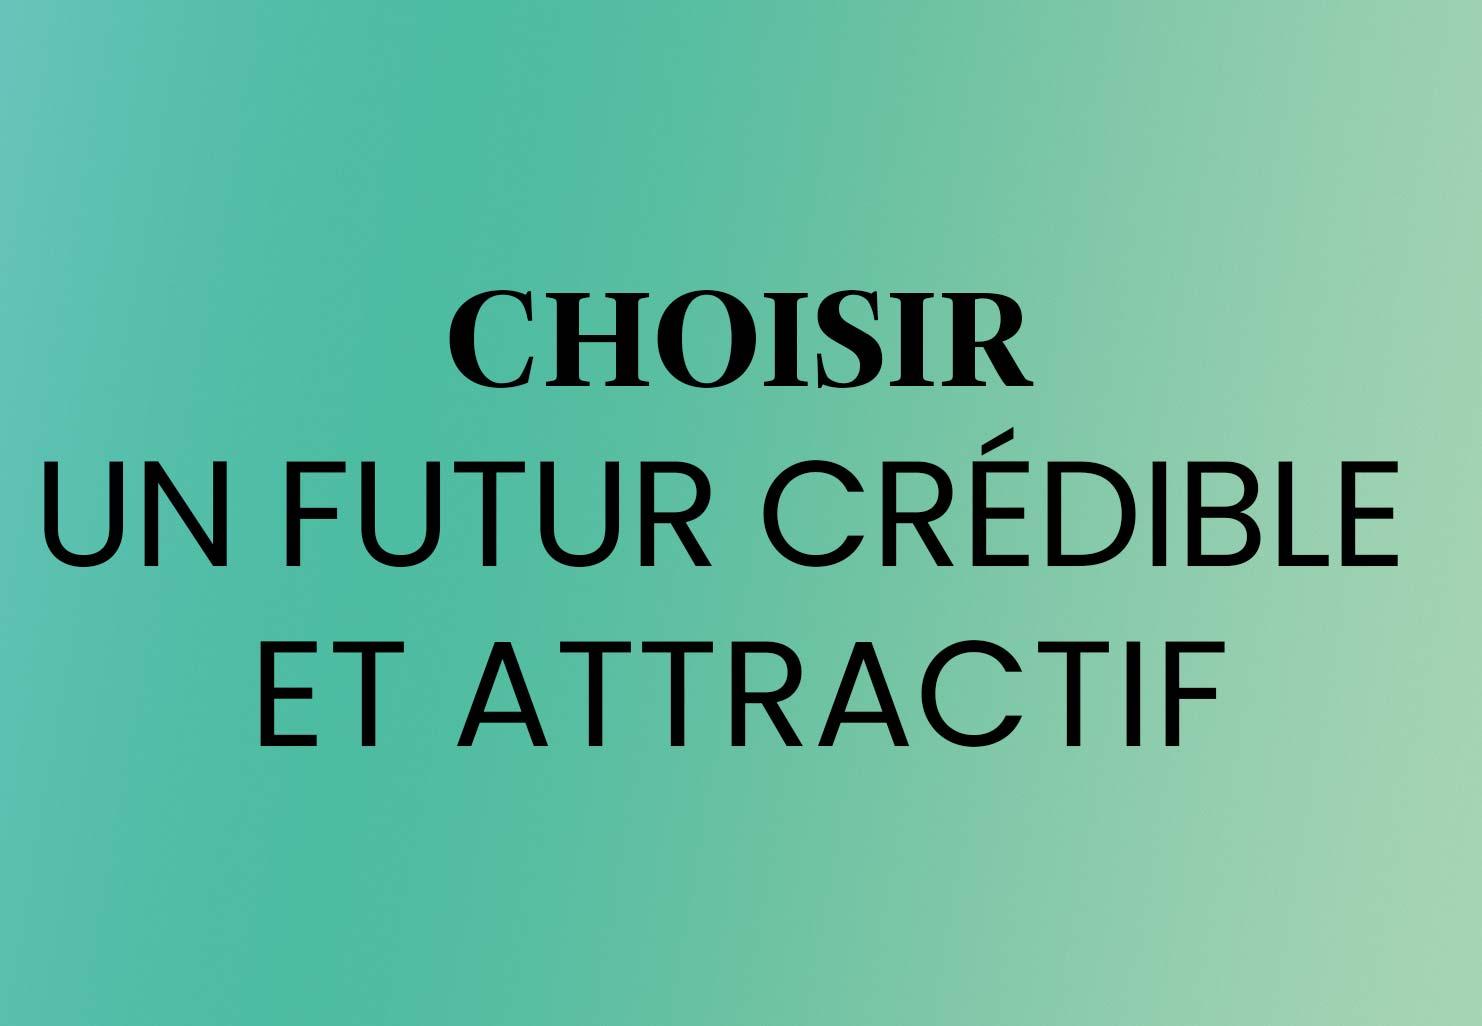 Choisir un futur crédible et attractif